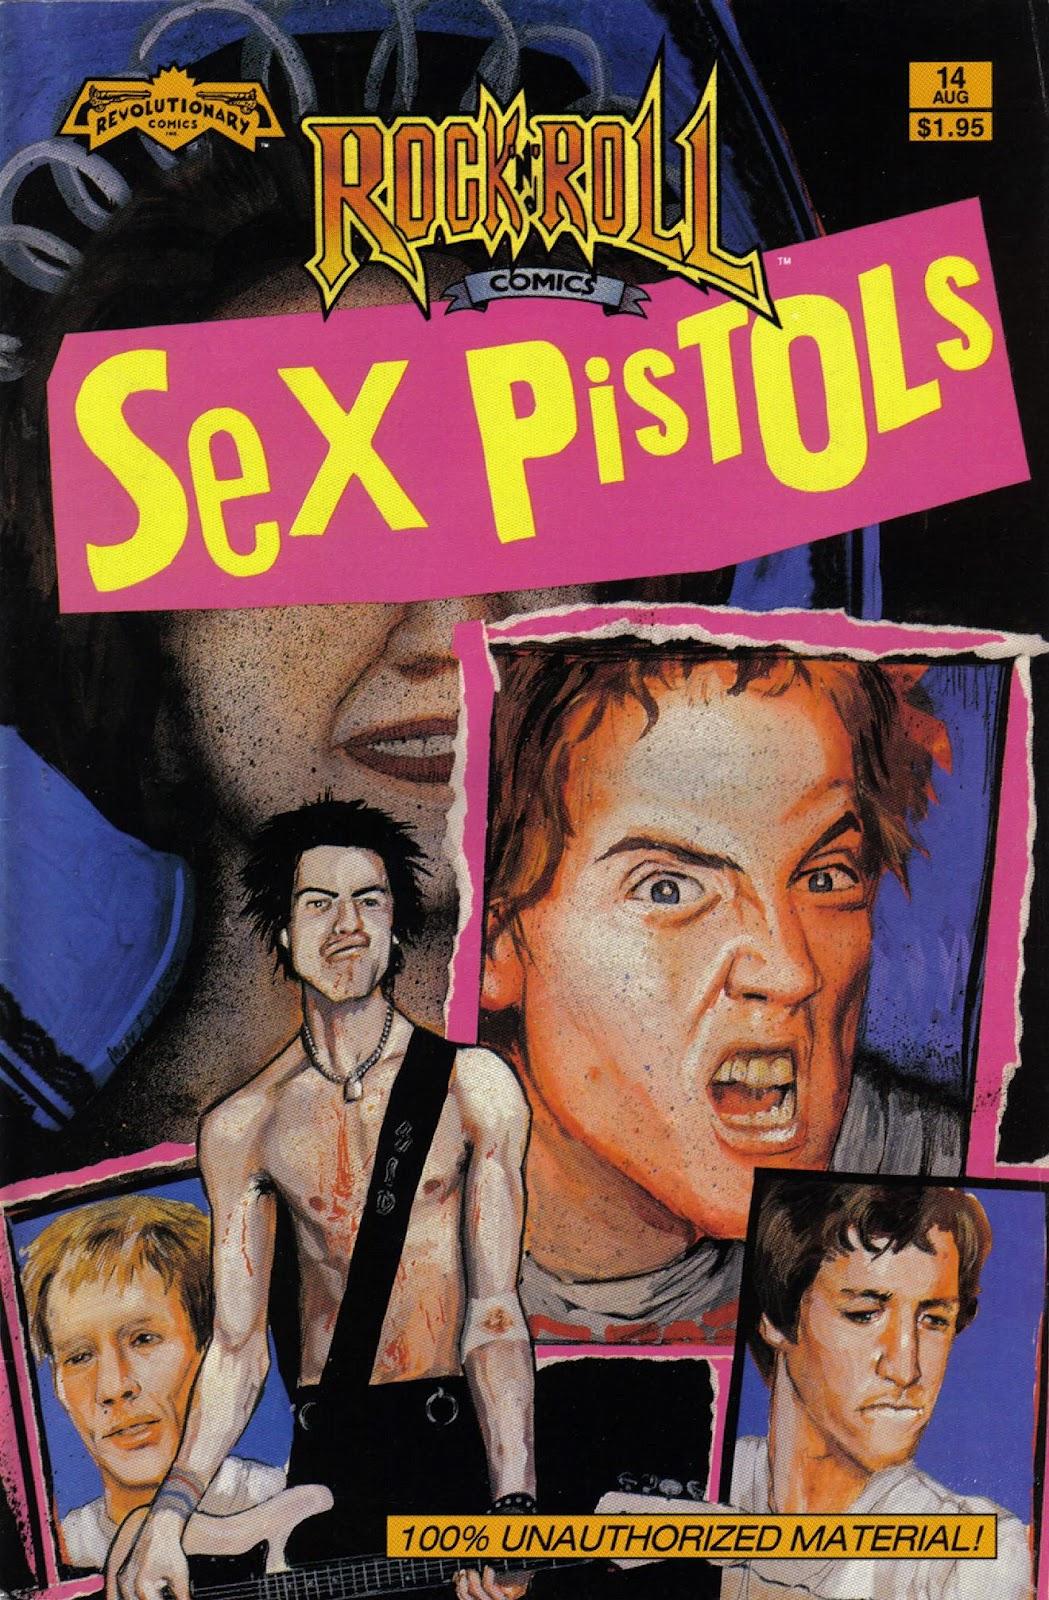 Состав sex pistols 1 фотография